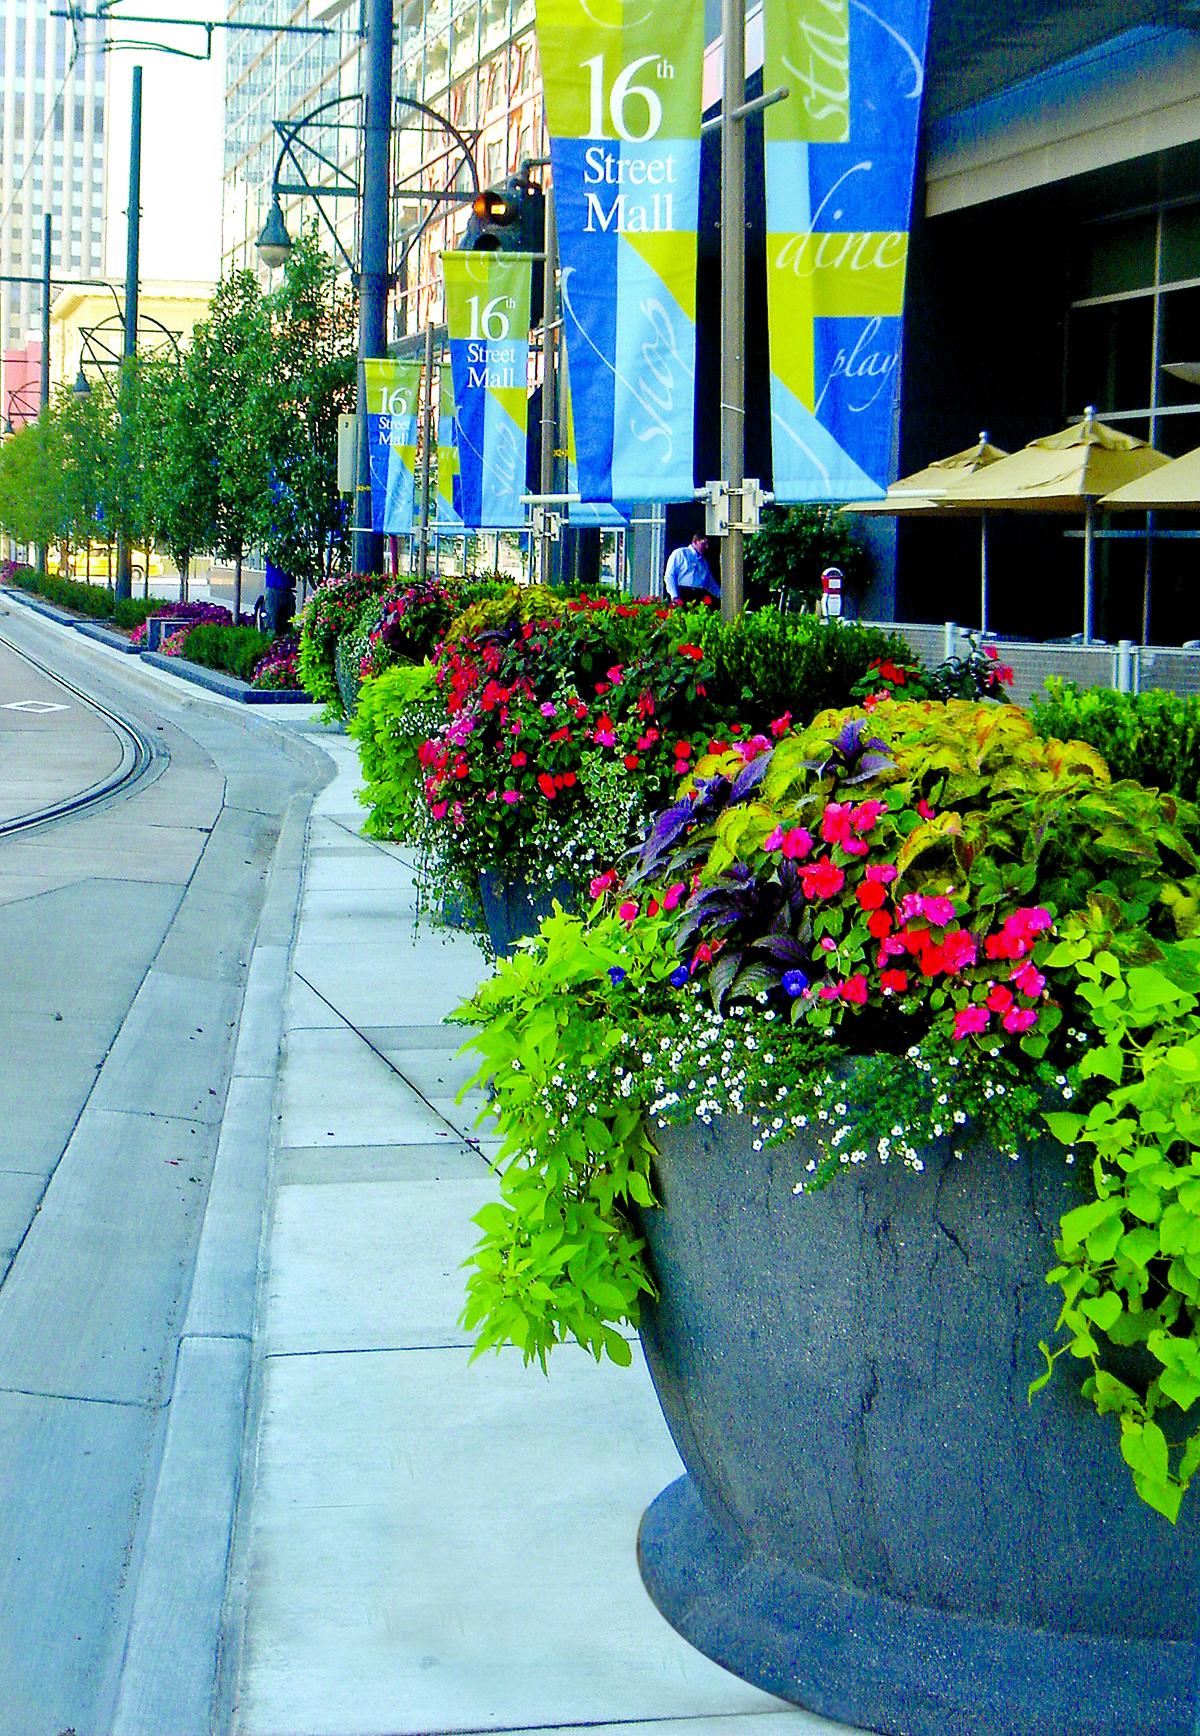 """<imgsrc="""" studioINSITE_Denver_Hyatt_California_St_Streetscape """"alt=  """"Denver_Hotel_Urban Design_ Landscape Architecture_Hyatt Regency_Denver_Hotel_Urban Center_Light Rail, Convention Center, Urban Design  """"  title=""""Hyatt Regency Denver""""/>"""